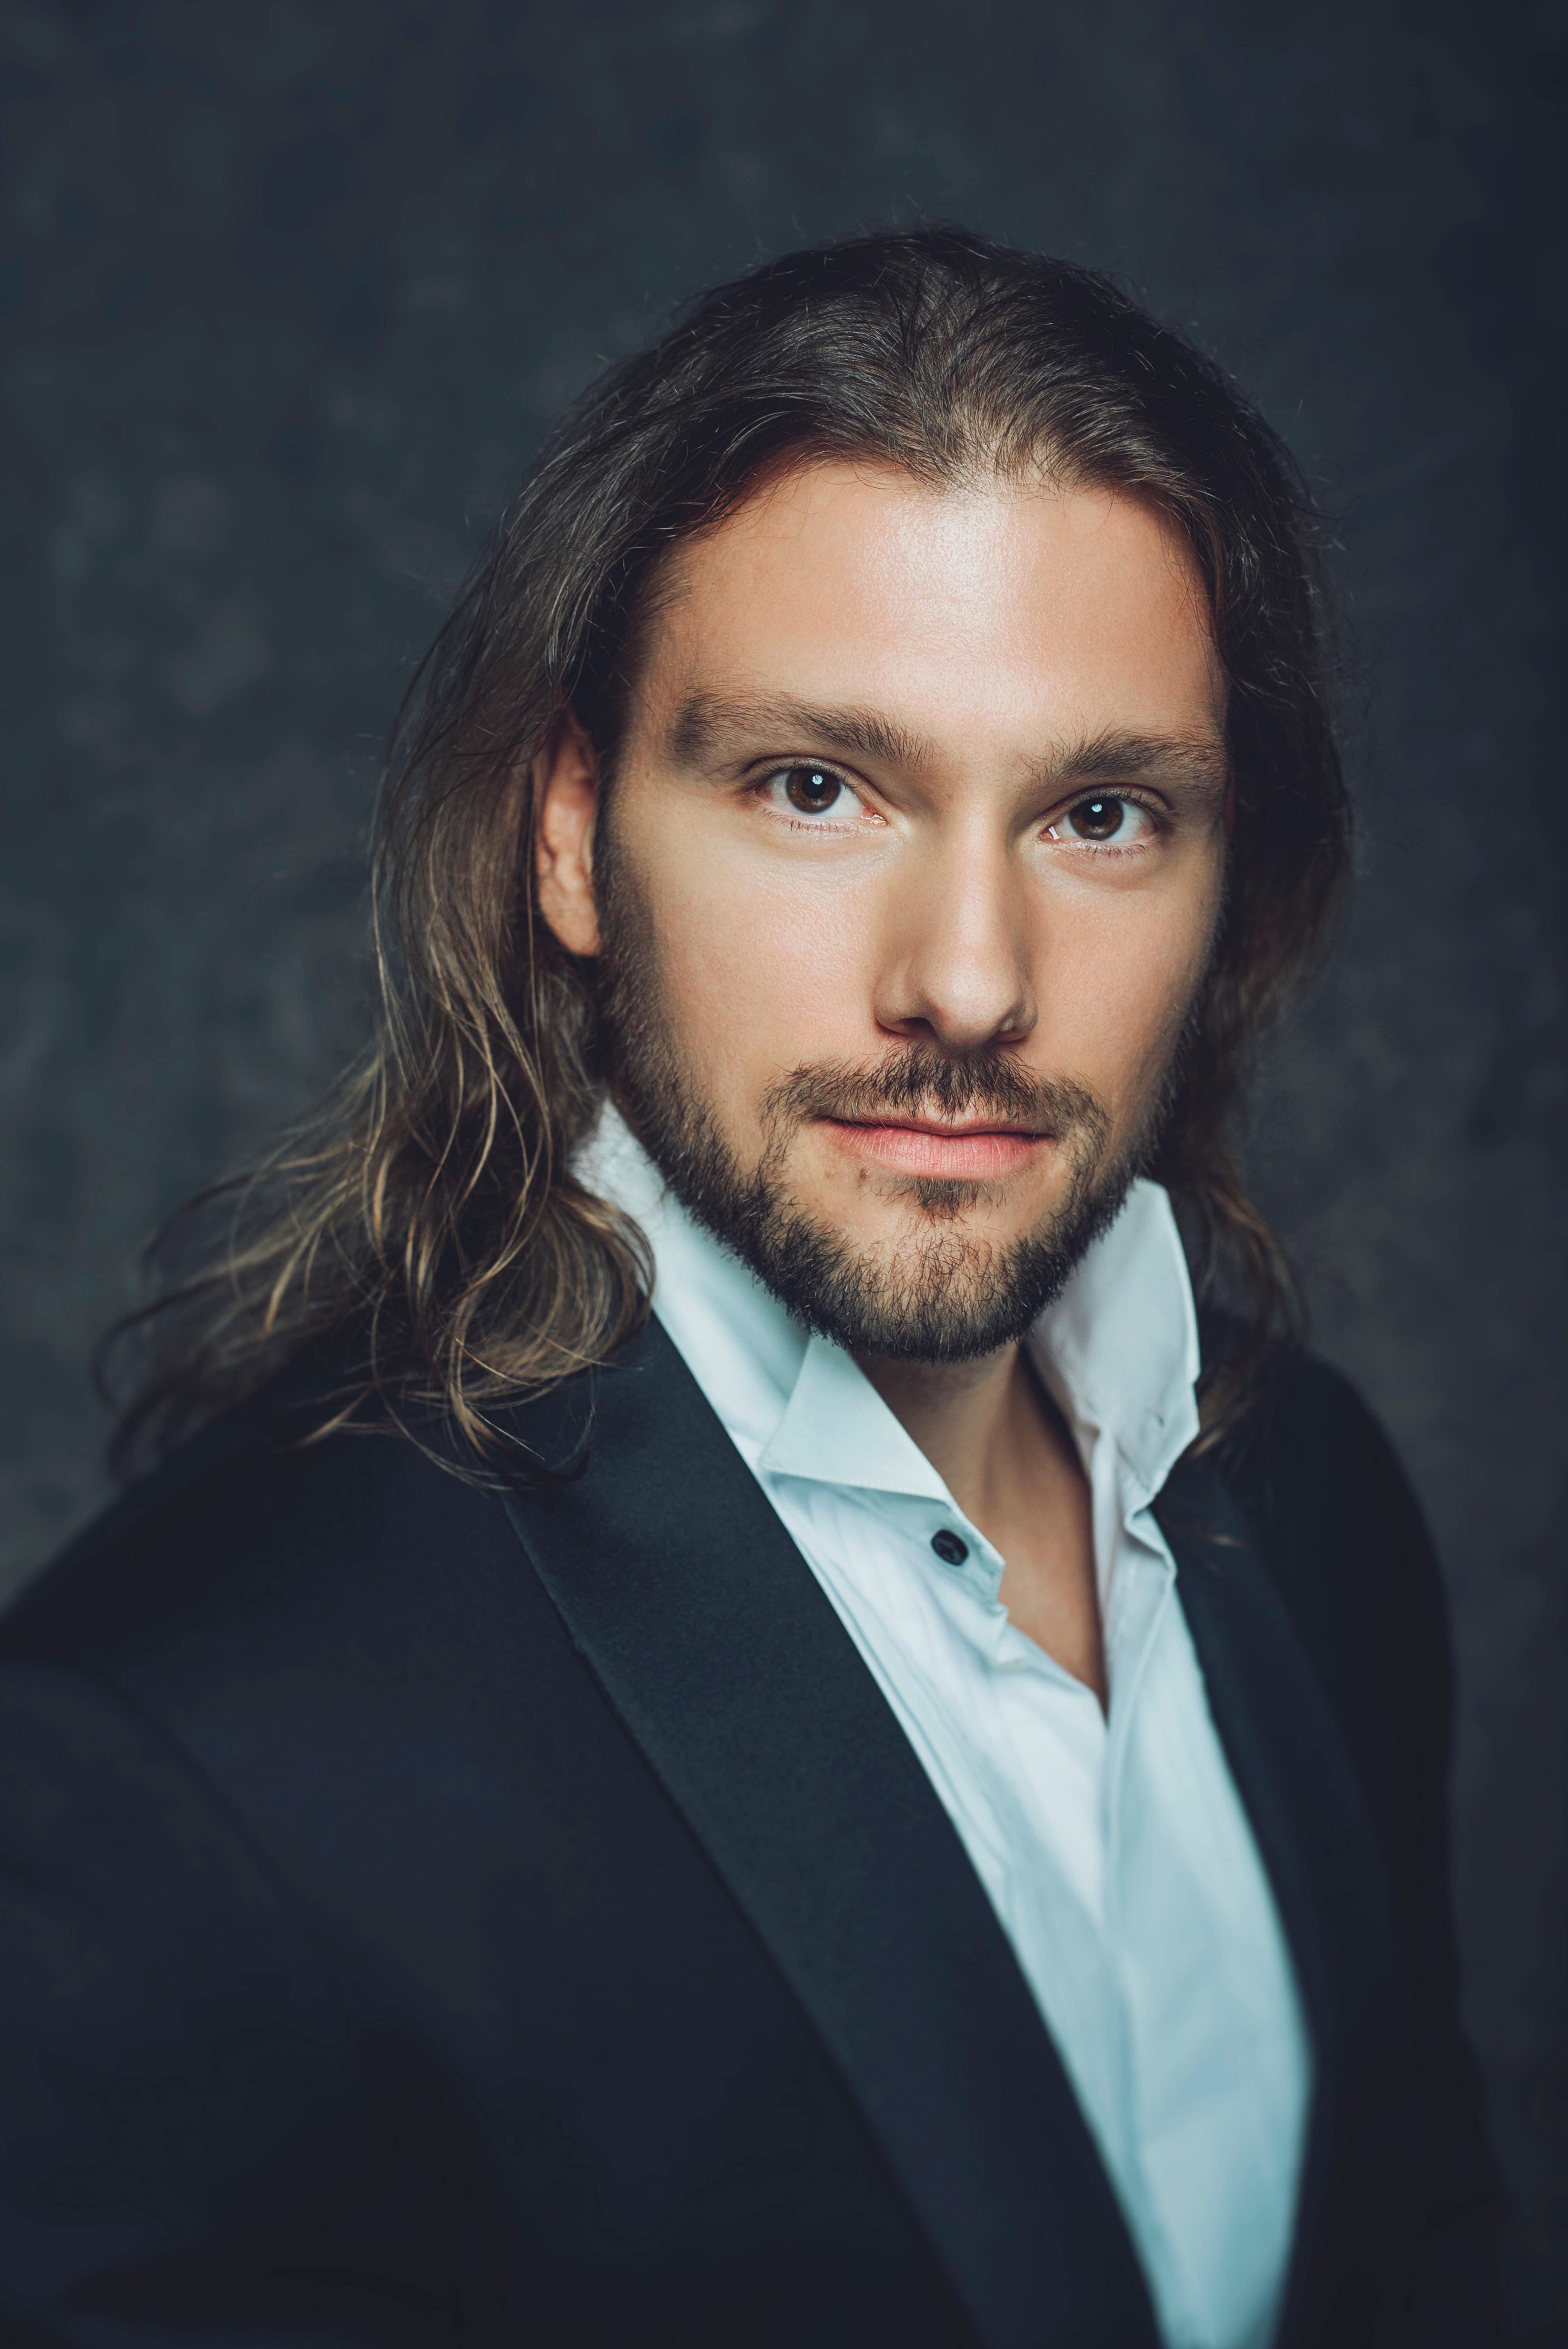 Jean-Kristof Bouton